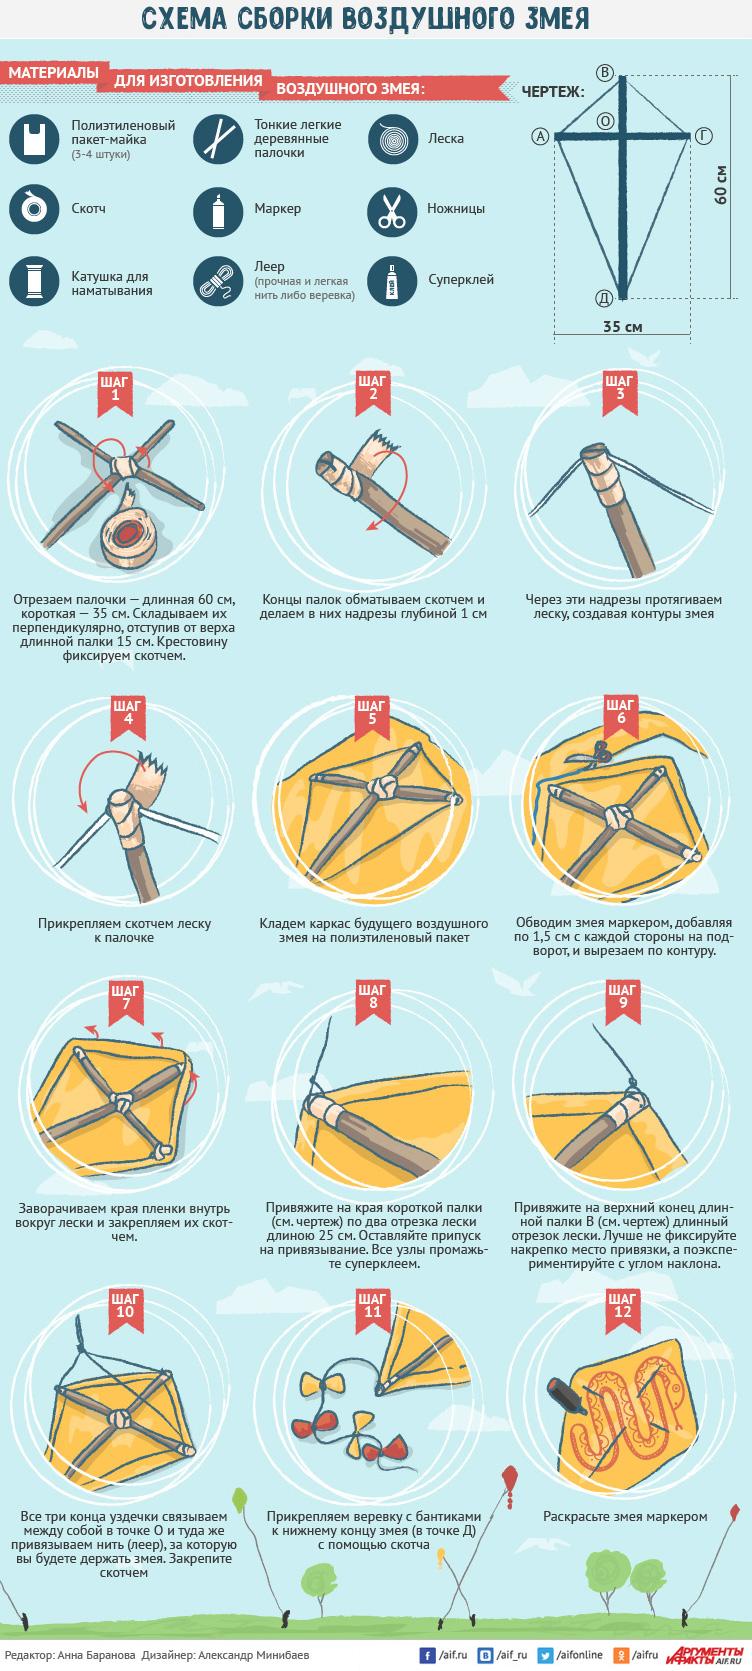 наглядная схема сборки воздушного змея из пакета и шпажек